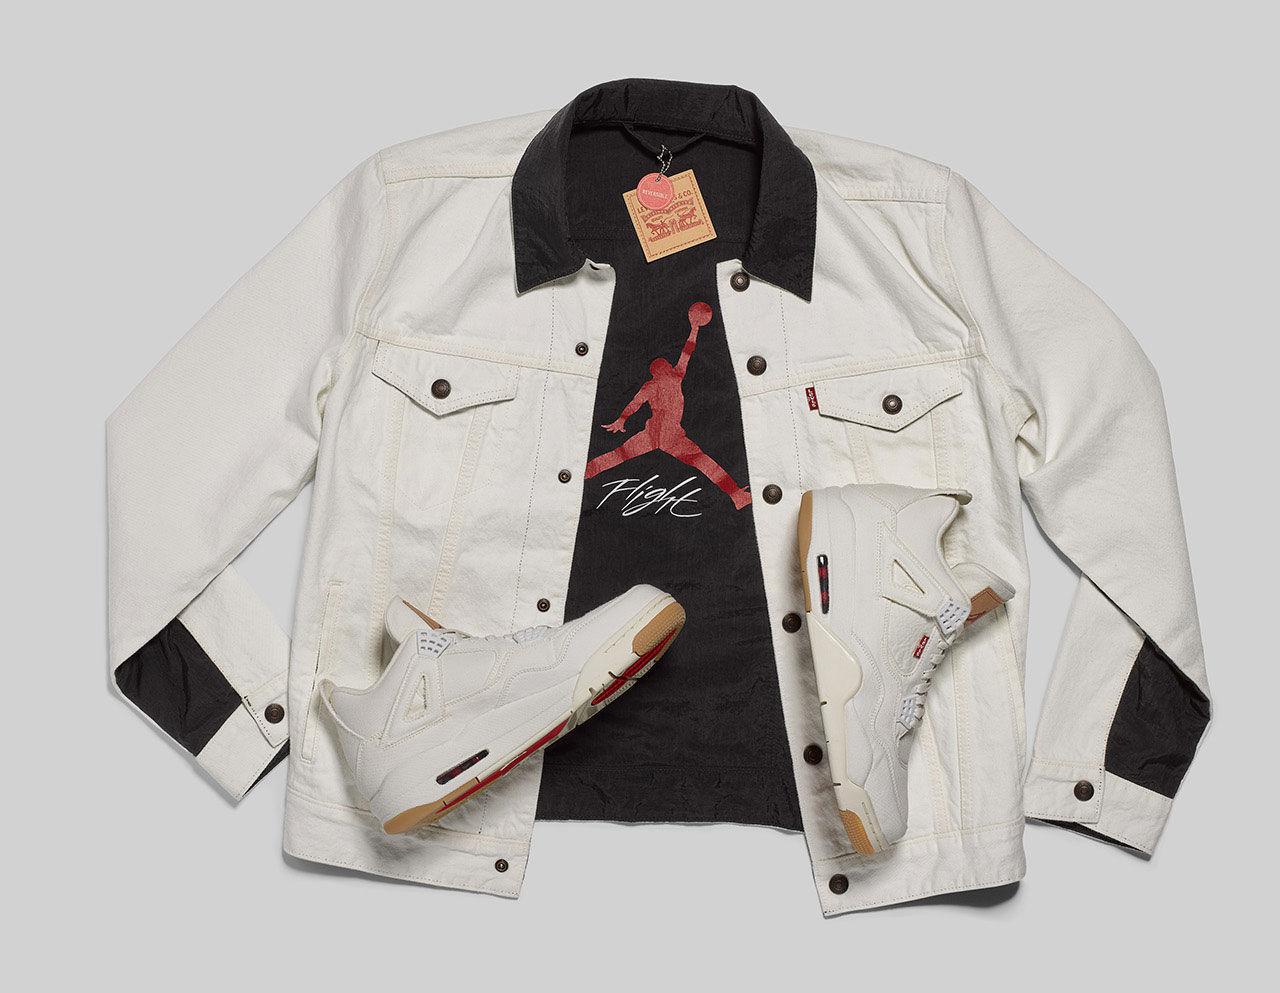 Nya kläder och skor från Levi's och Jordan